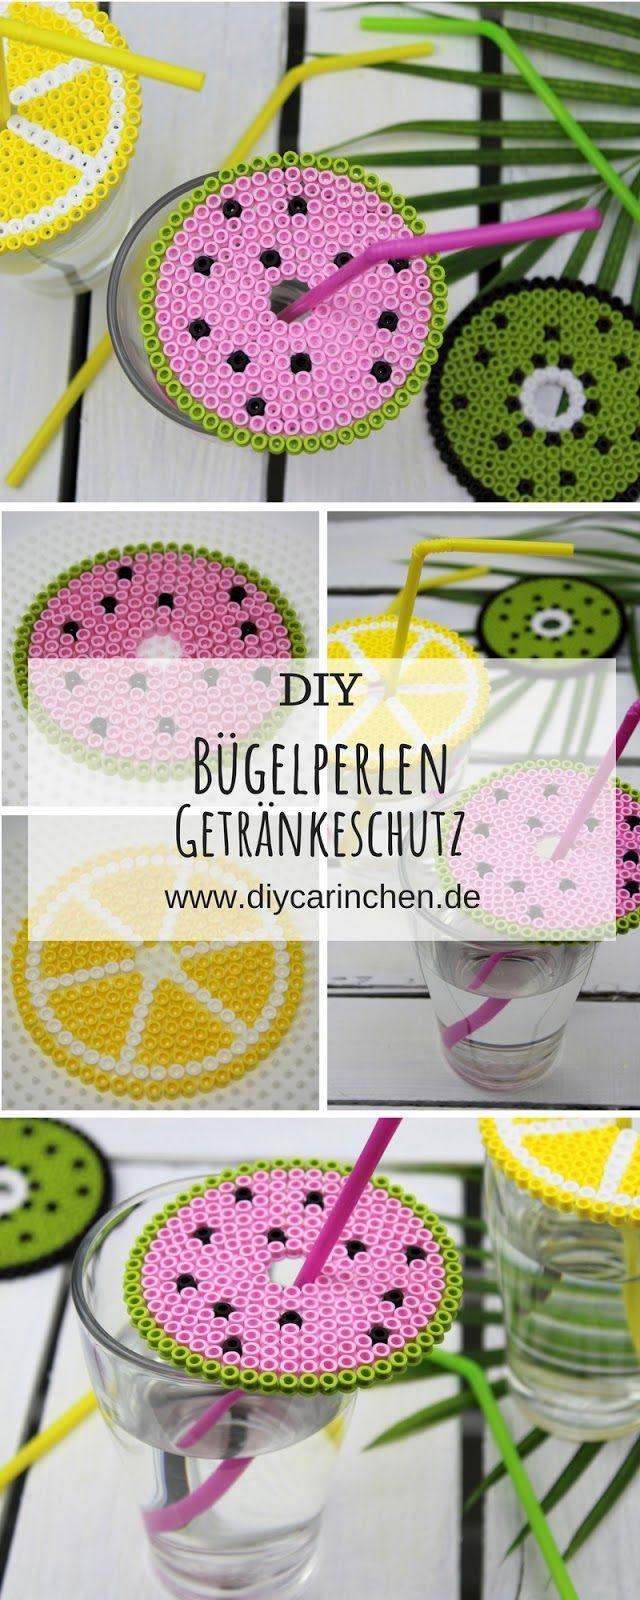 Photo of Sommerliches DIY: Getränkeschutzdeckel aus Bügelperlen in 3 sommerlichen Motiven ganz einfach selber machen – super Wespenschutz – DIYCarinchen